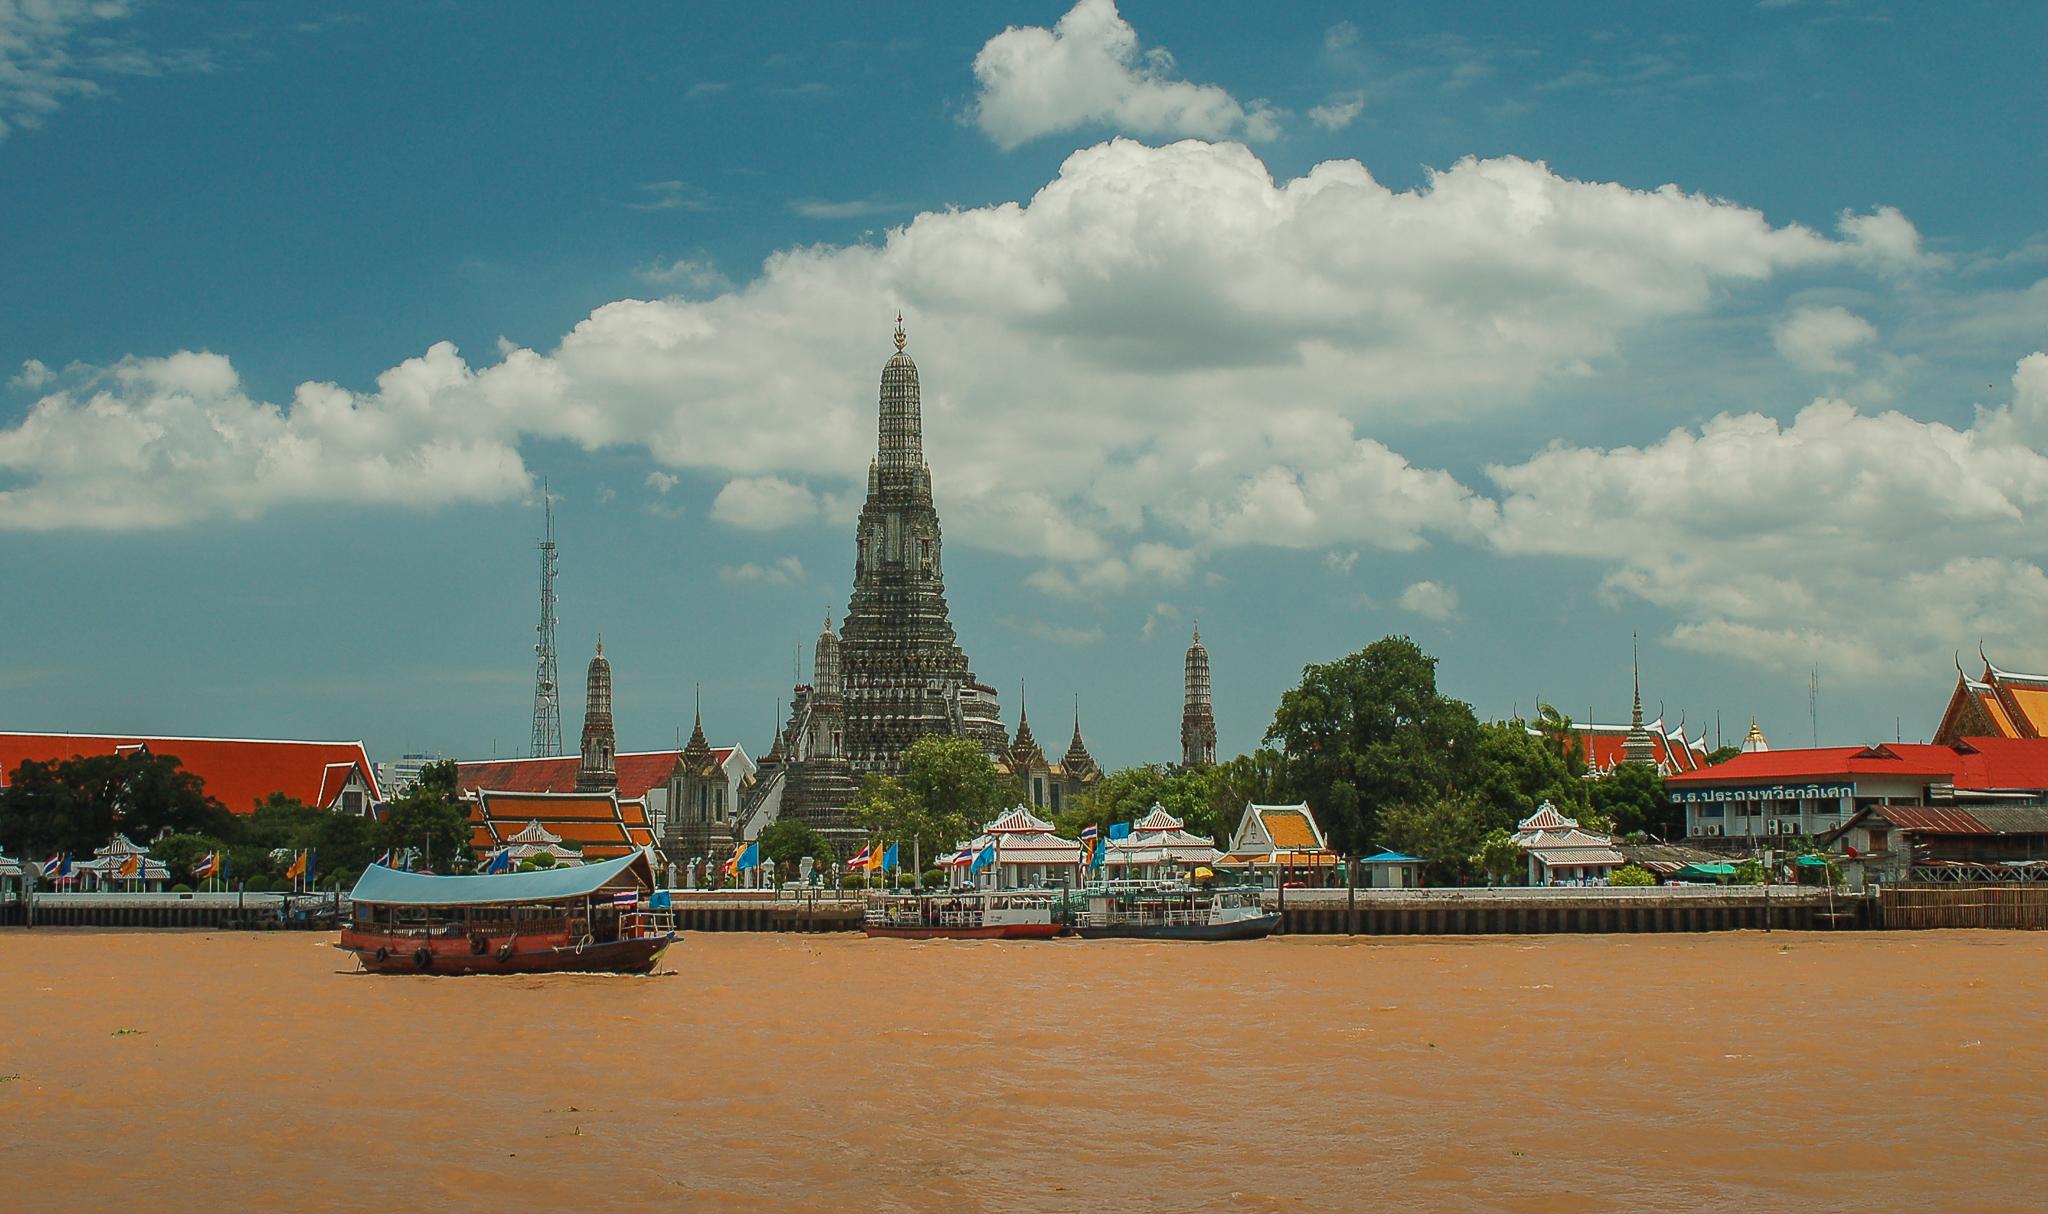 tajlandia kiedy jechać - sierpień